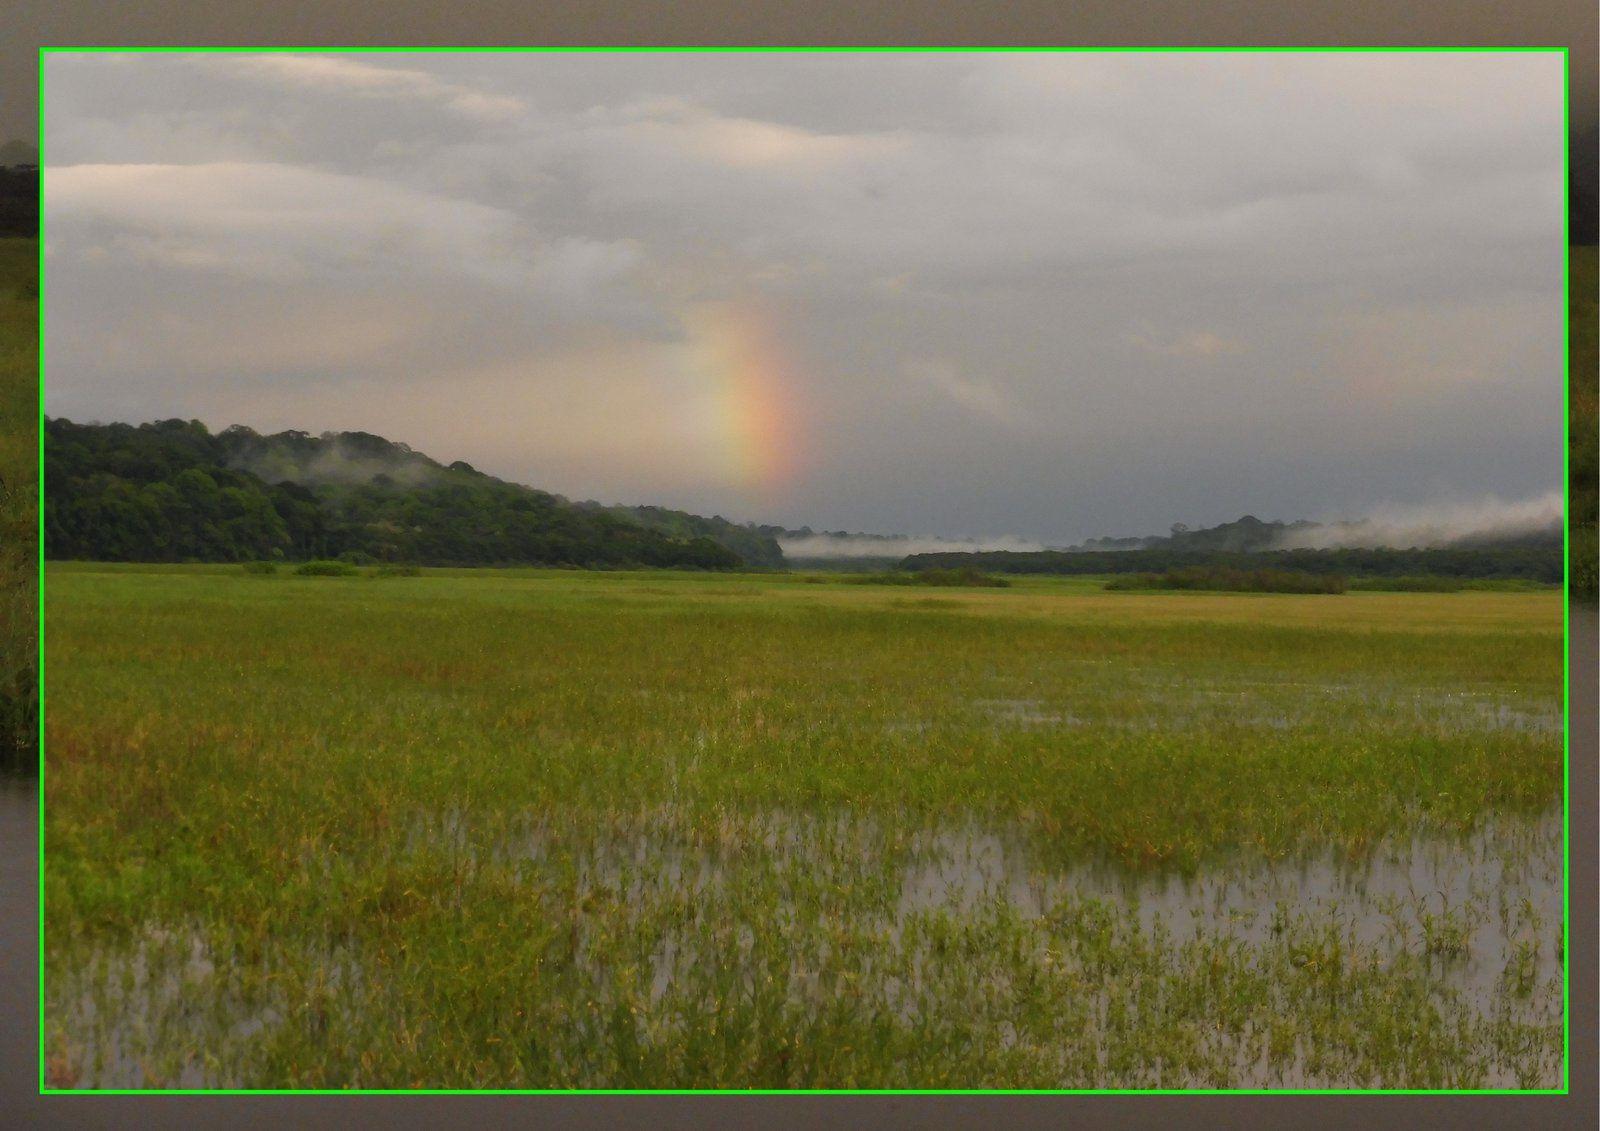 Les marais de Kaw sur l'Ecolodge.